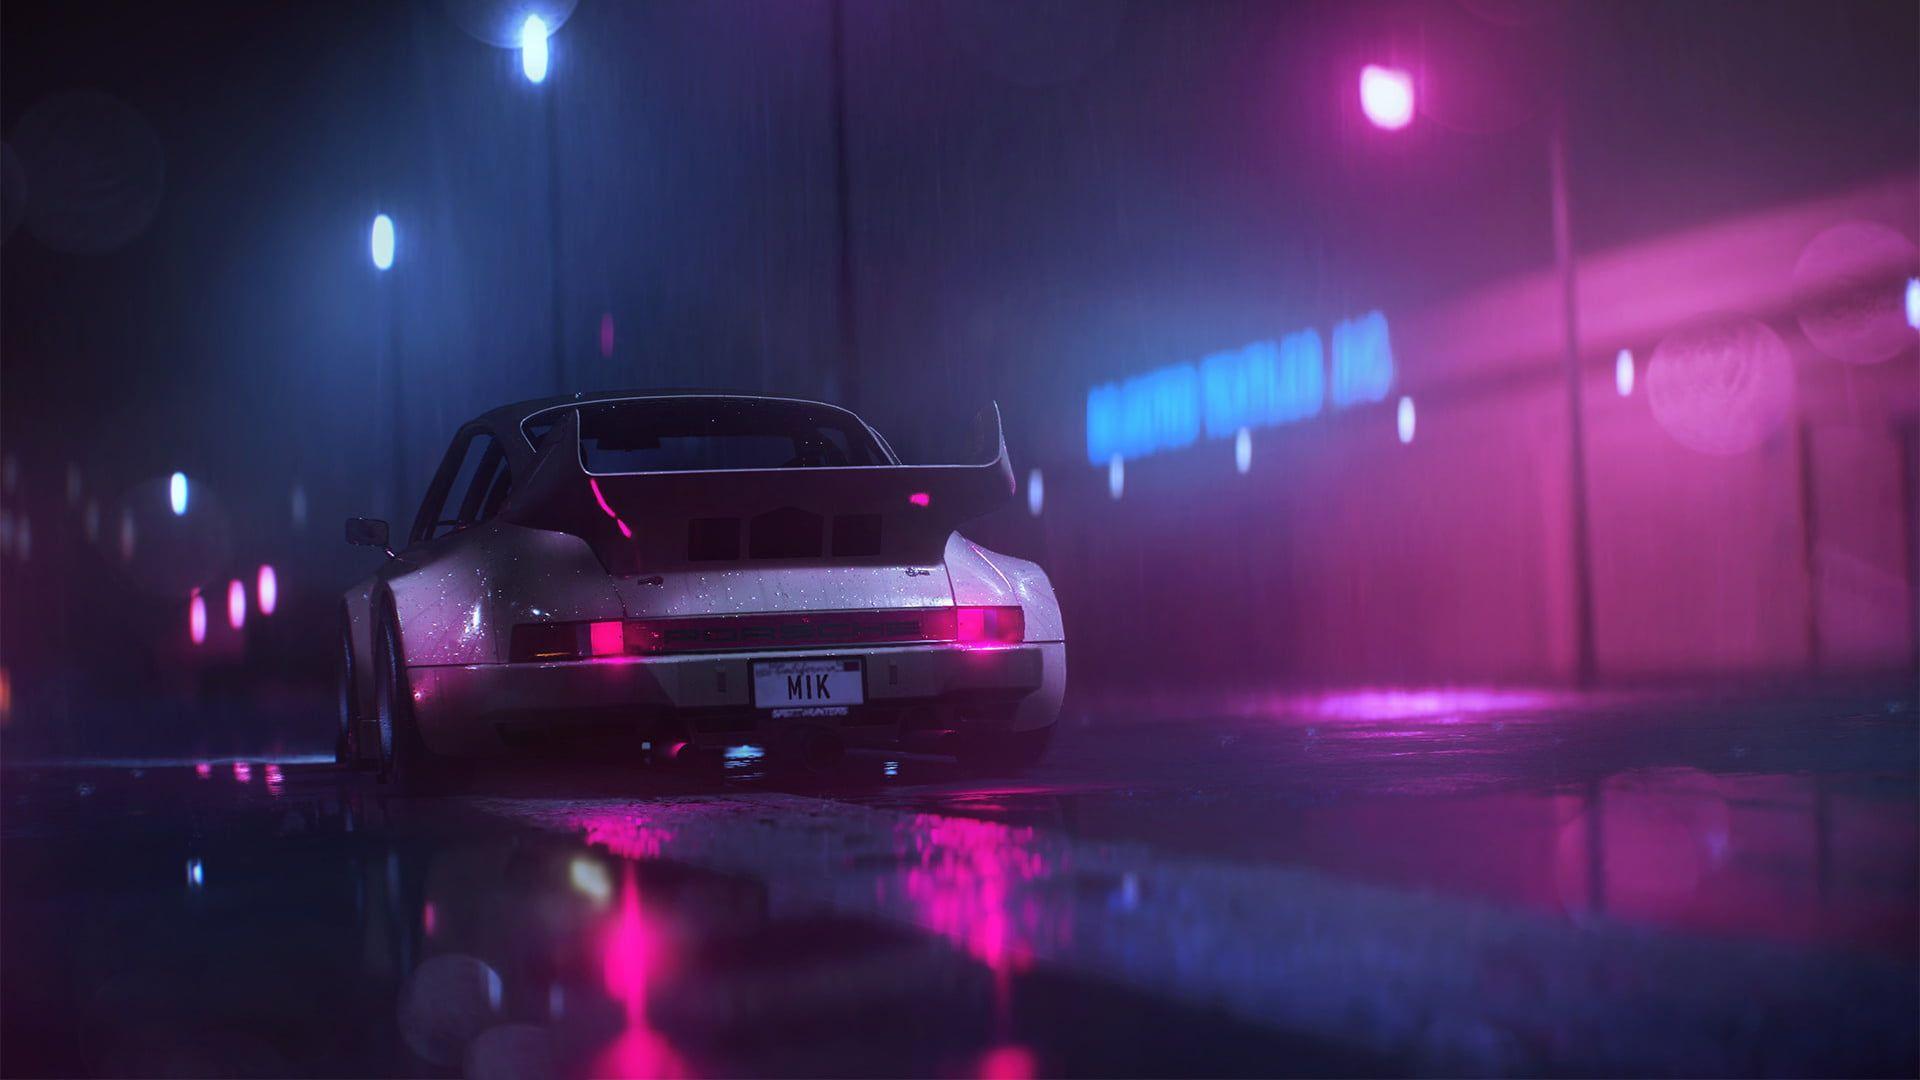 Gray Sports Car Digital Art Car Neon Porsche Synthwave Retrowave 1080p Wallpaper Hdwallpap Vaporwave Wallpaper Background Images Wallpapers Neon Nights